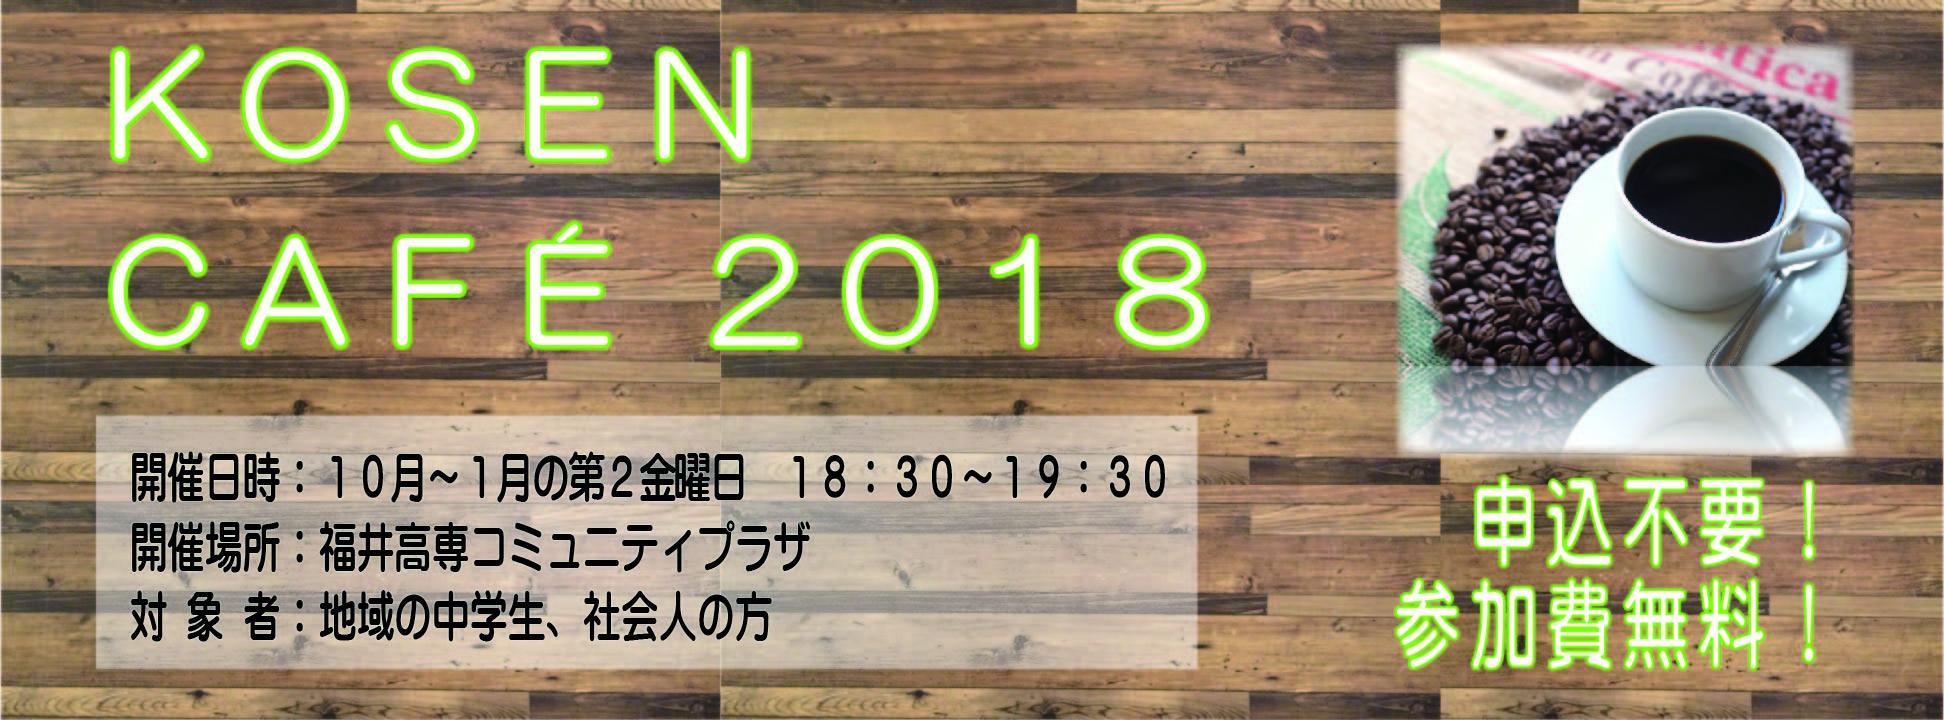 高専カフェ2018